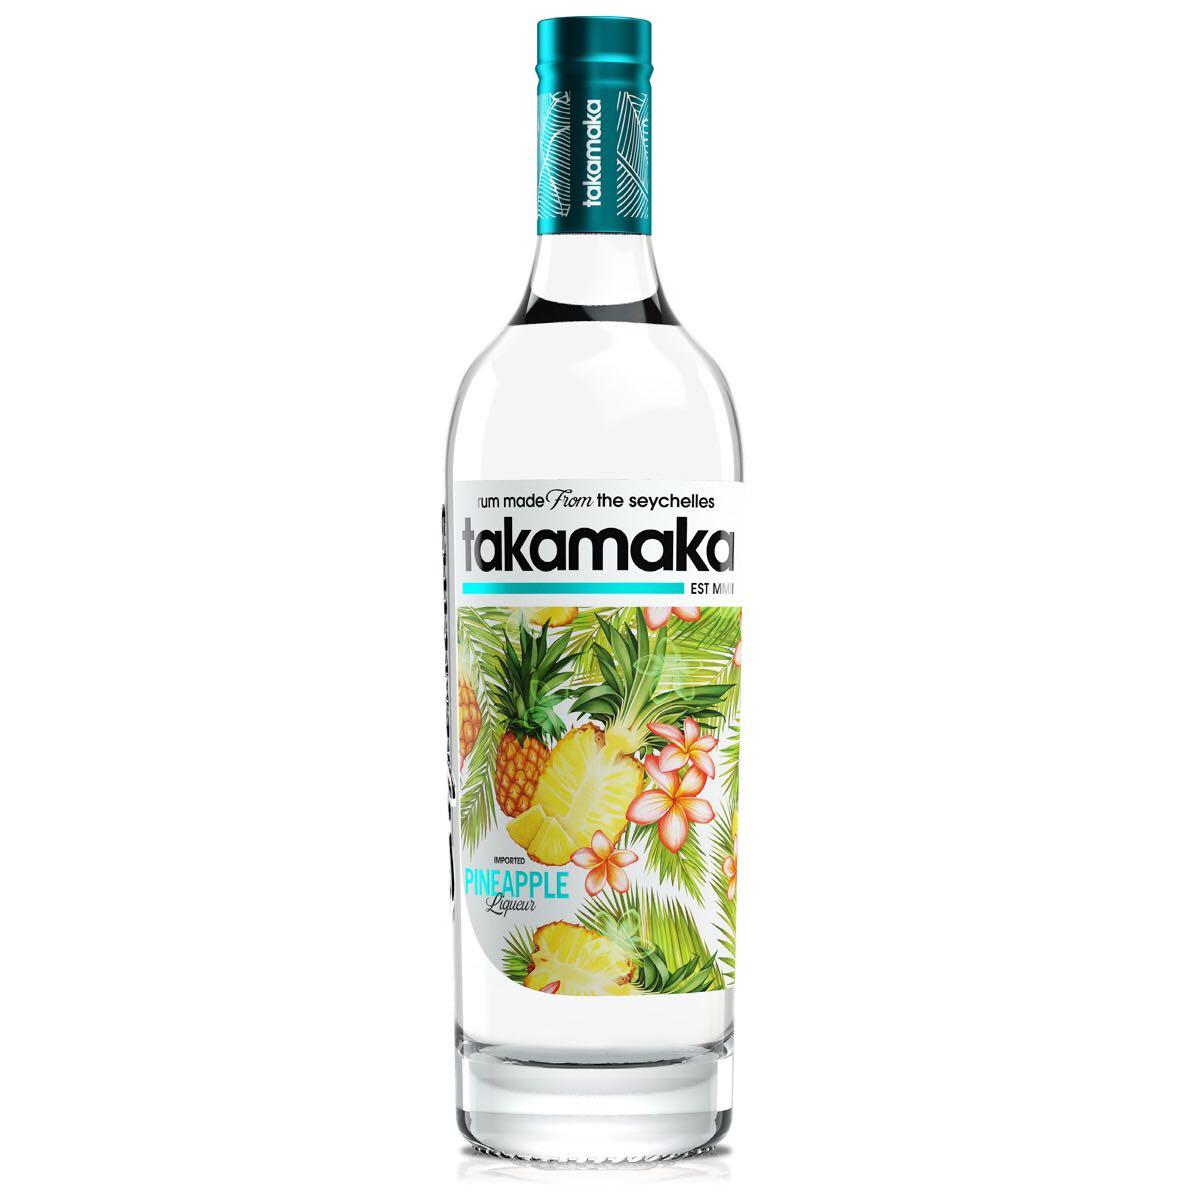 Bottle image of Takamaka Pineapple Rum